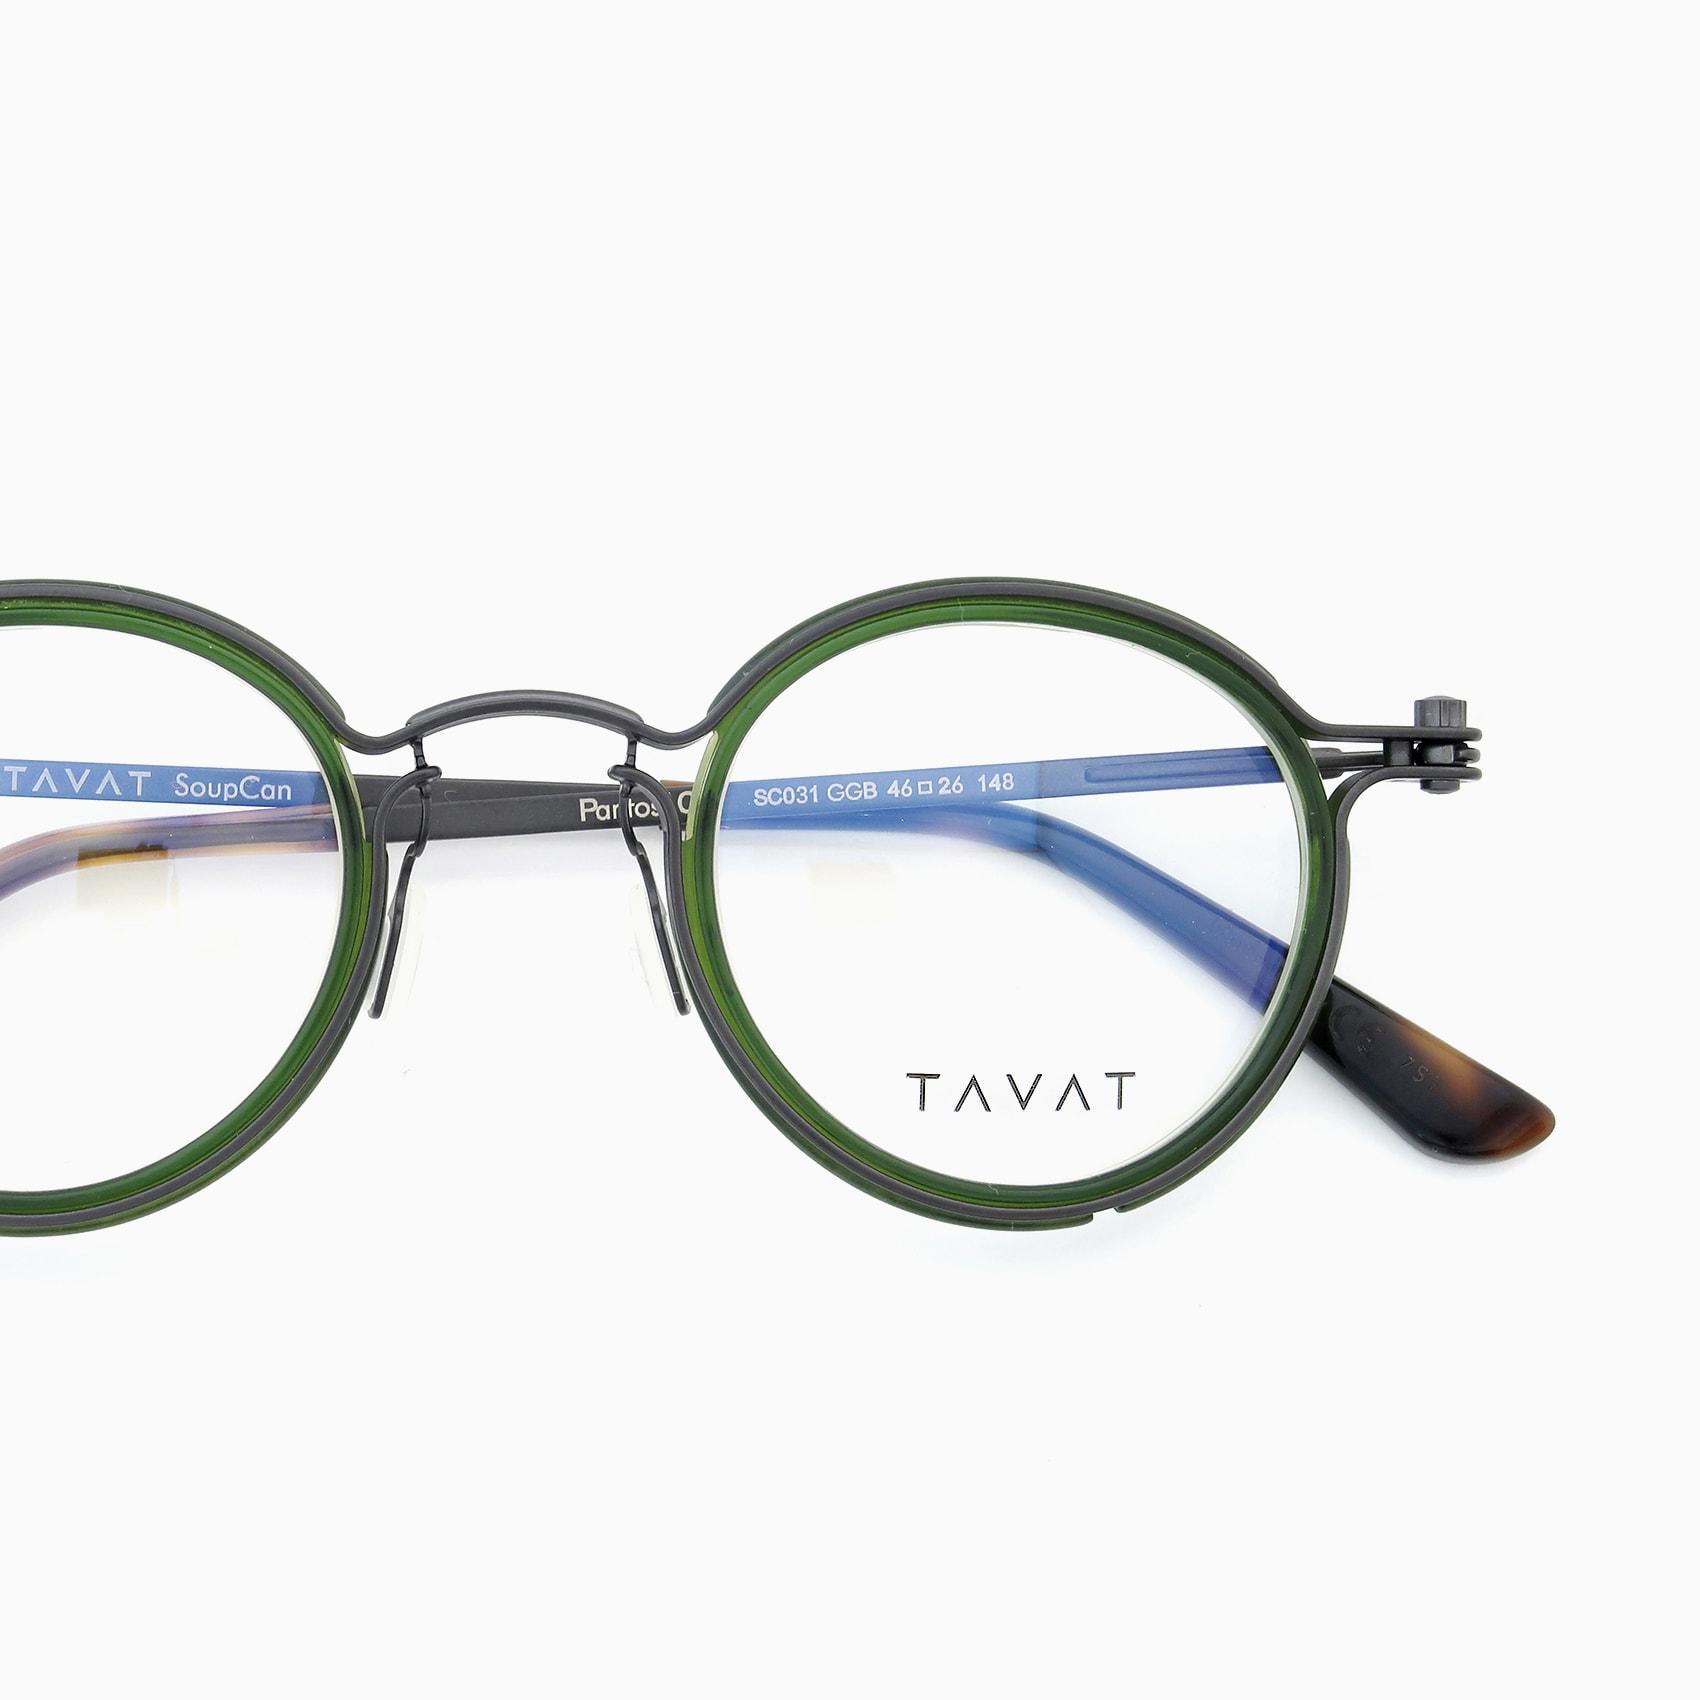 171028-tavat_03